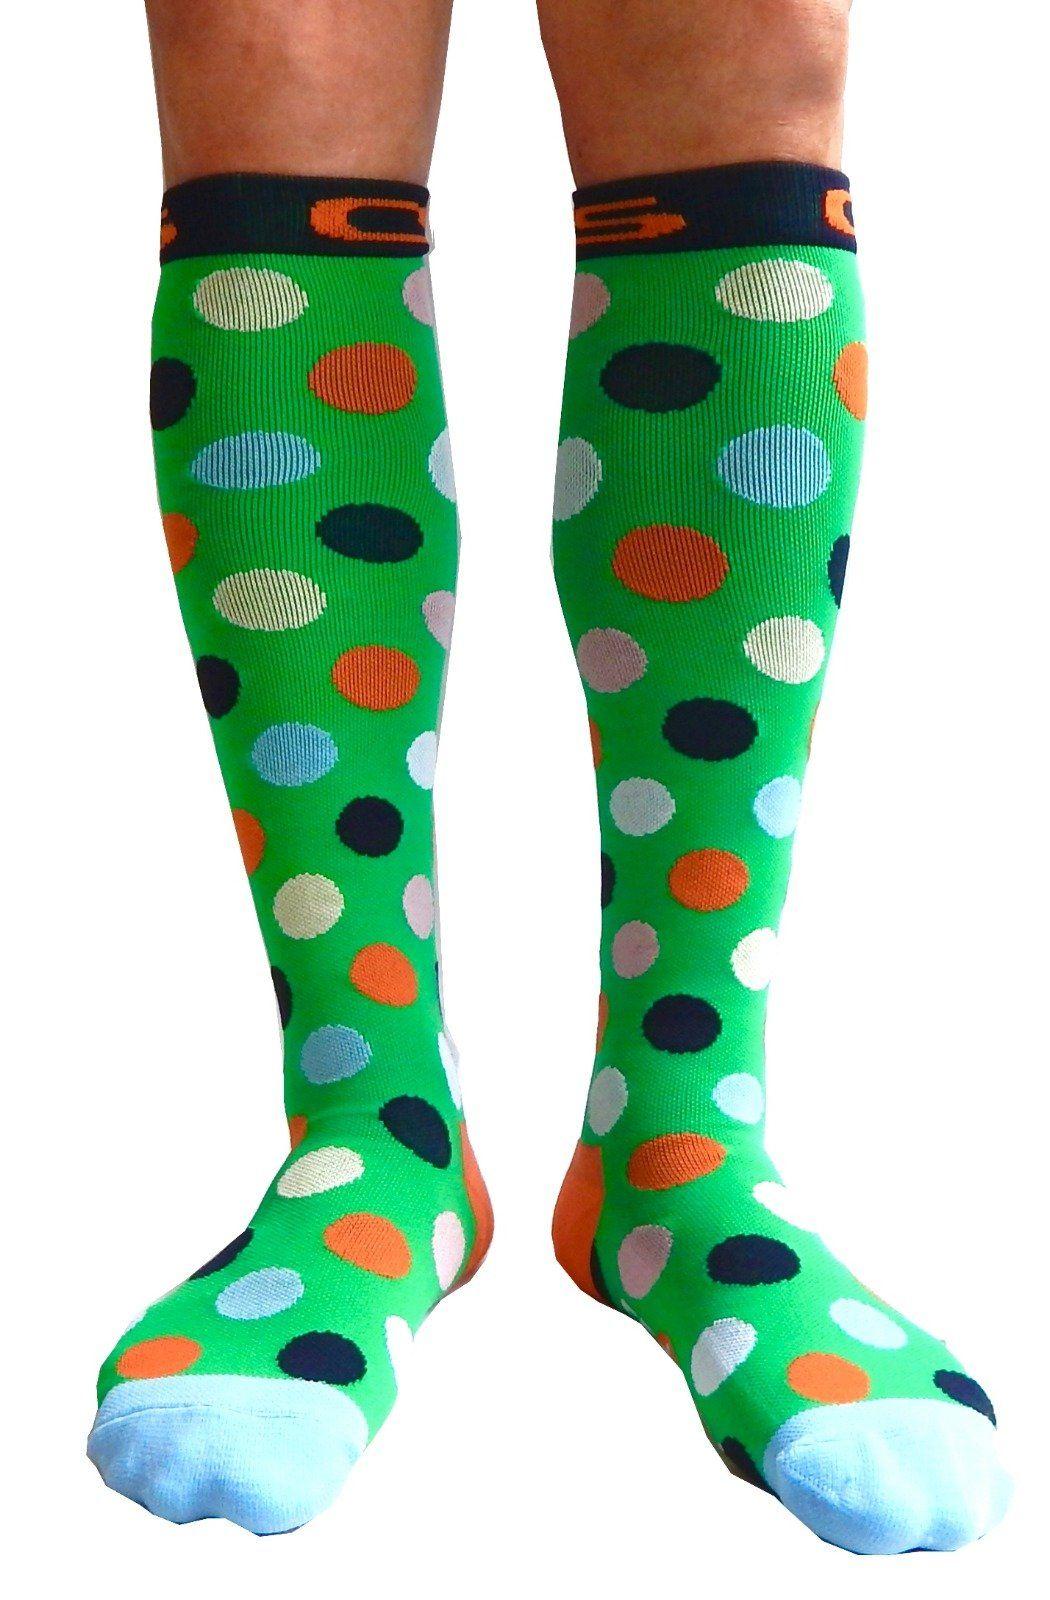 Compression socks for men travelaccessoriesideas